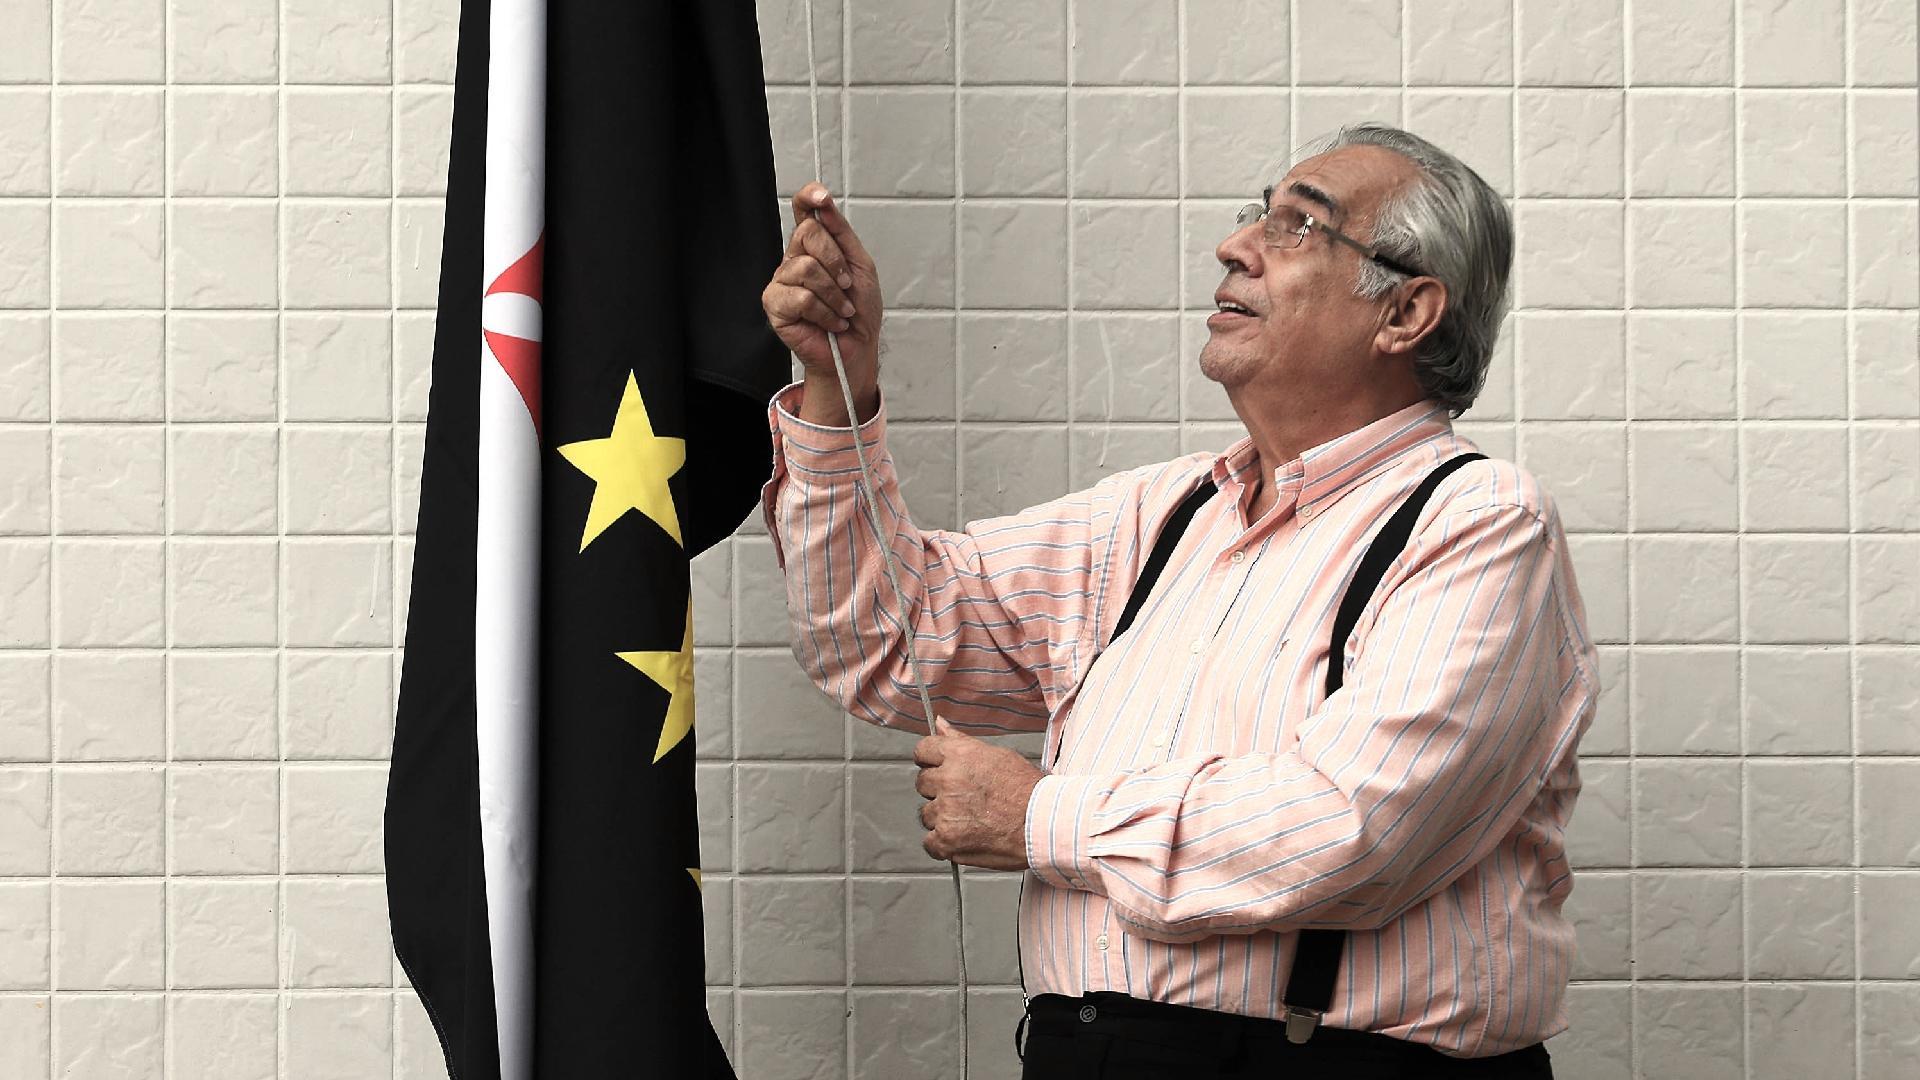 Julio Cesar Guimaraes/UOL